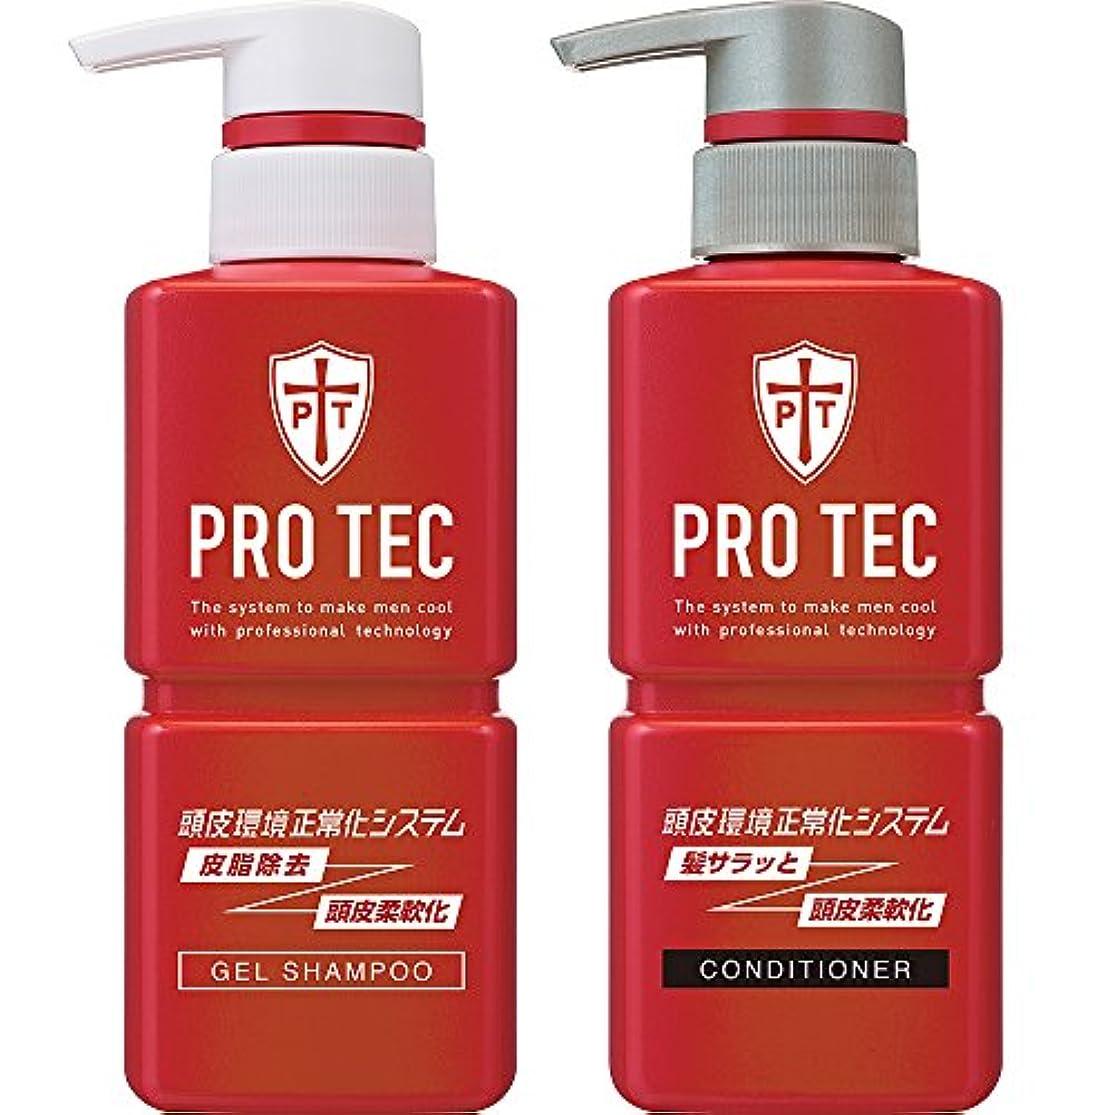 倫理的公平な苦しむPRO TEC(プロテク) 頭皮ストレッチ シャンプー ポンプ 300g(医薬部外品)+ コンディショナー ポンプ 300g